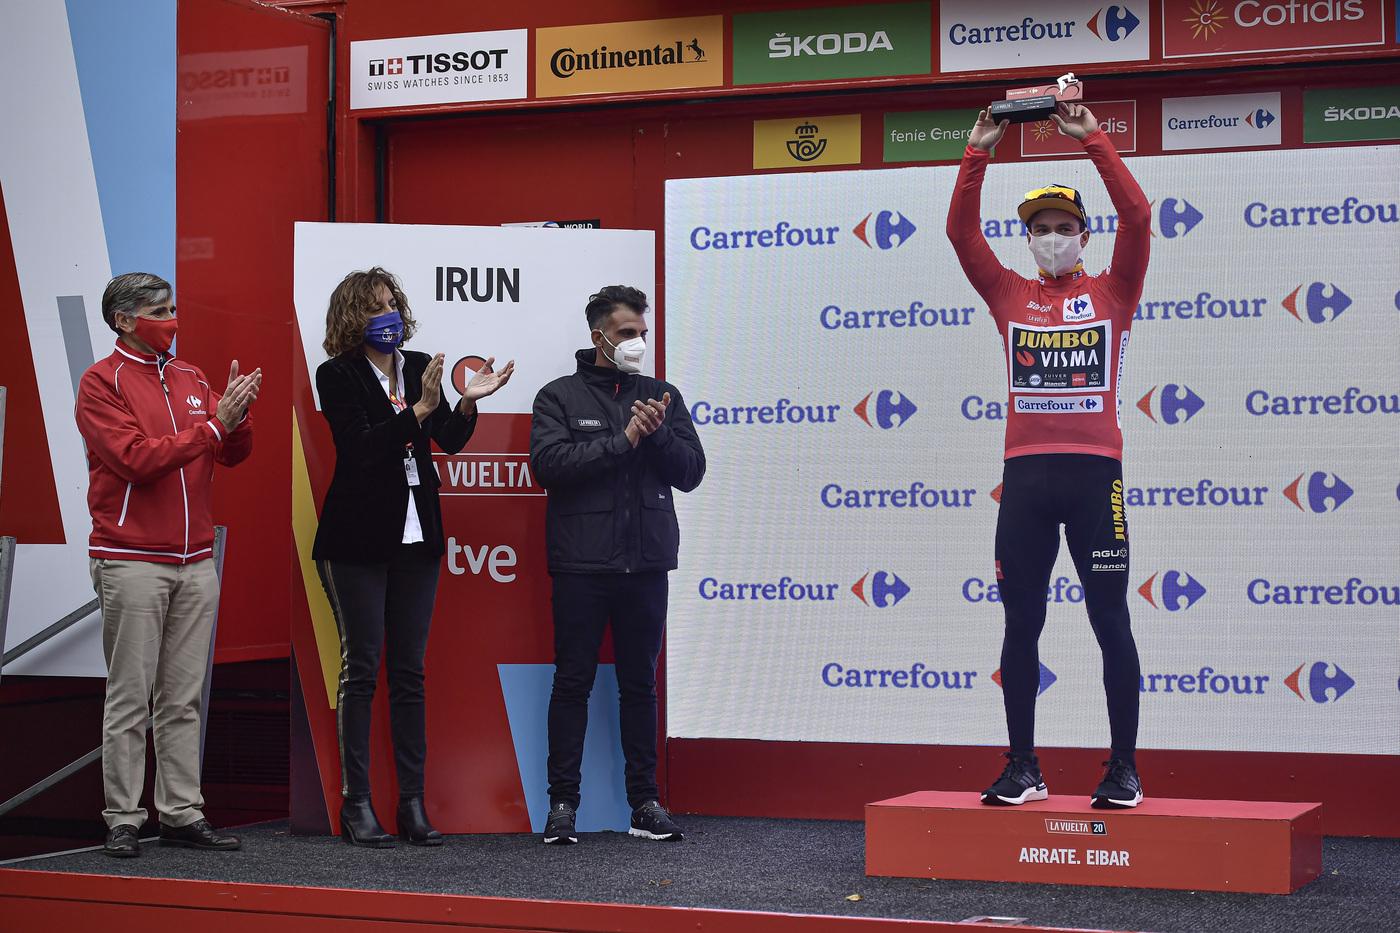 Vuelta a España 2020, tutte le classifiche dopo la seconda tappa: Roglic resta saldamente in Maglia Rossa